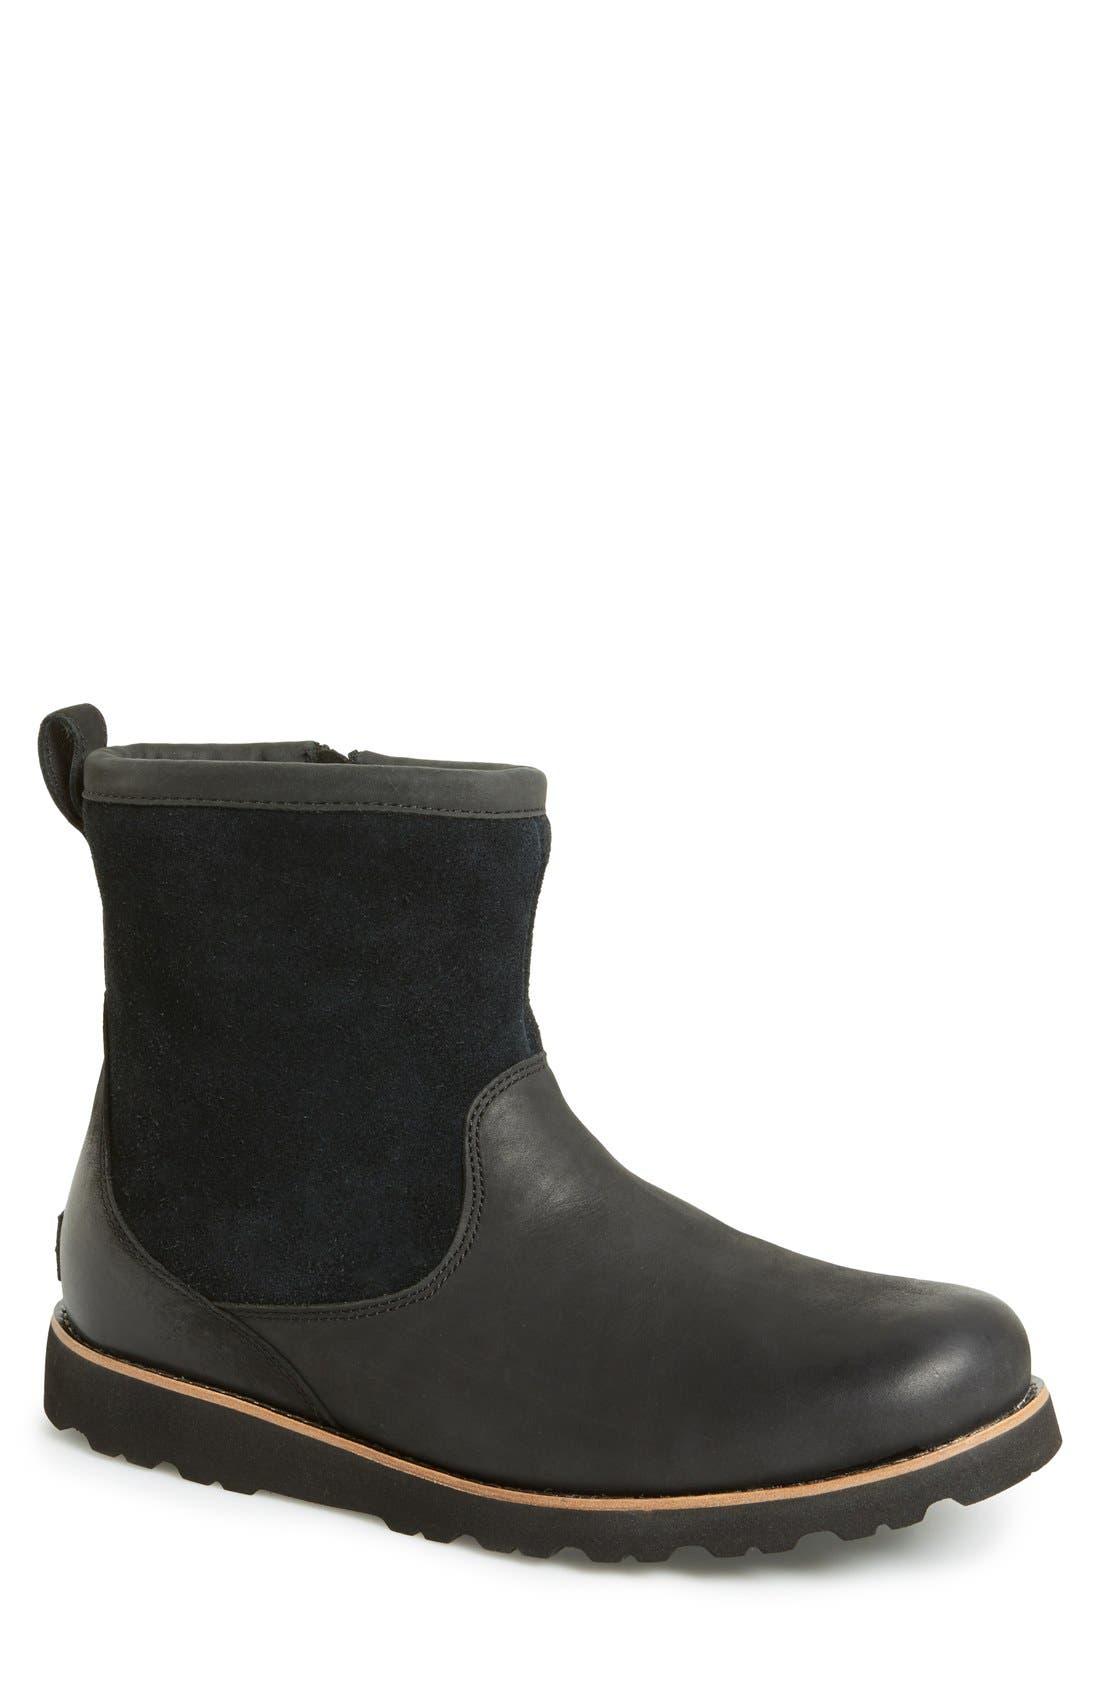 Hendren TL Waterproof Zip Boot,                         Main,                         color, Black